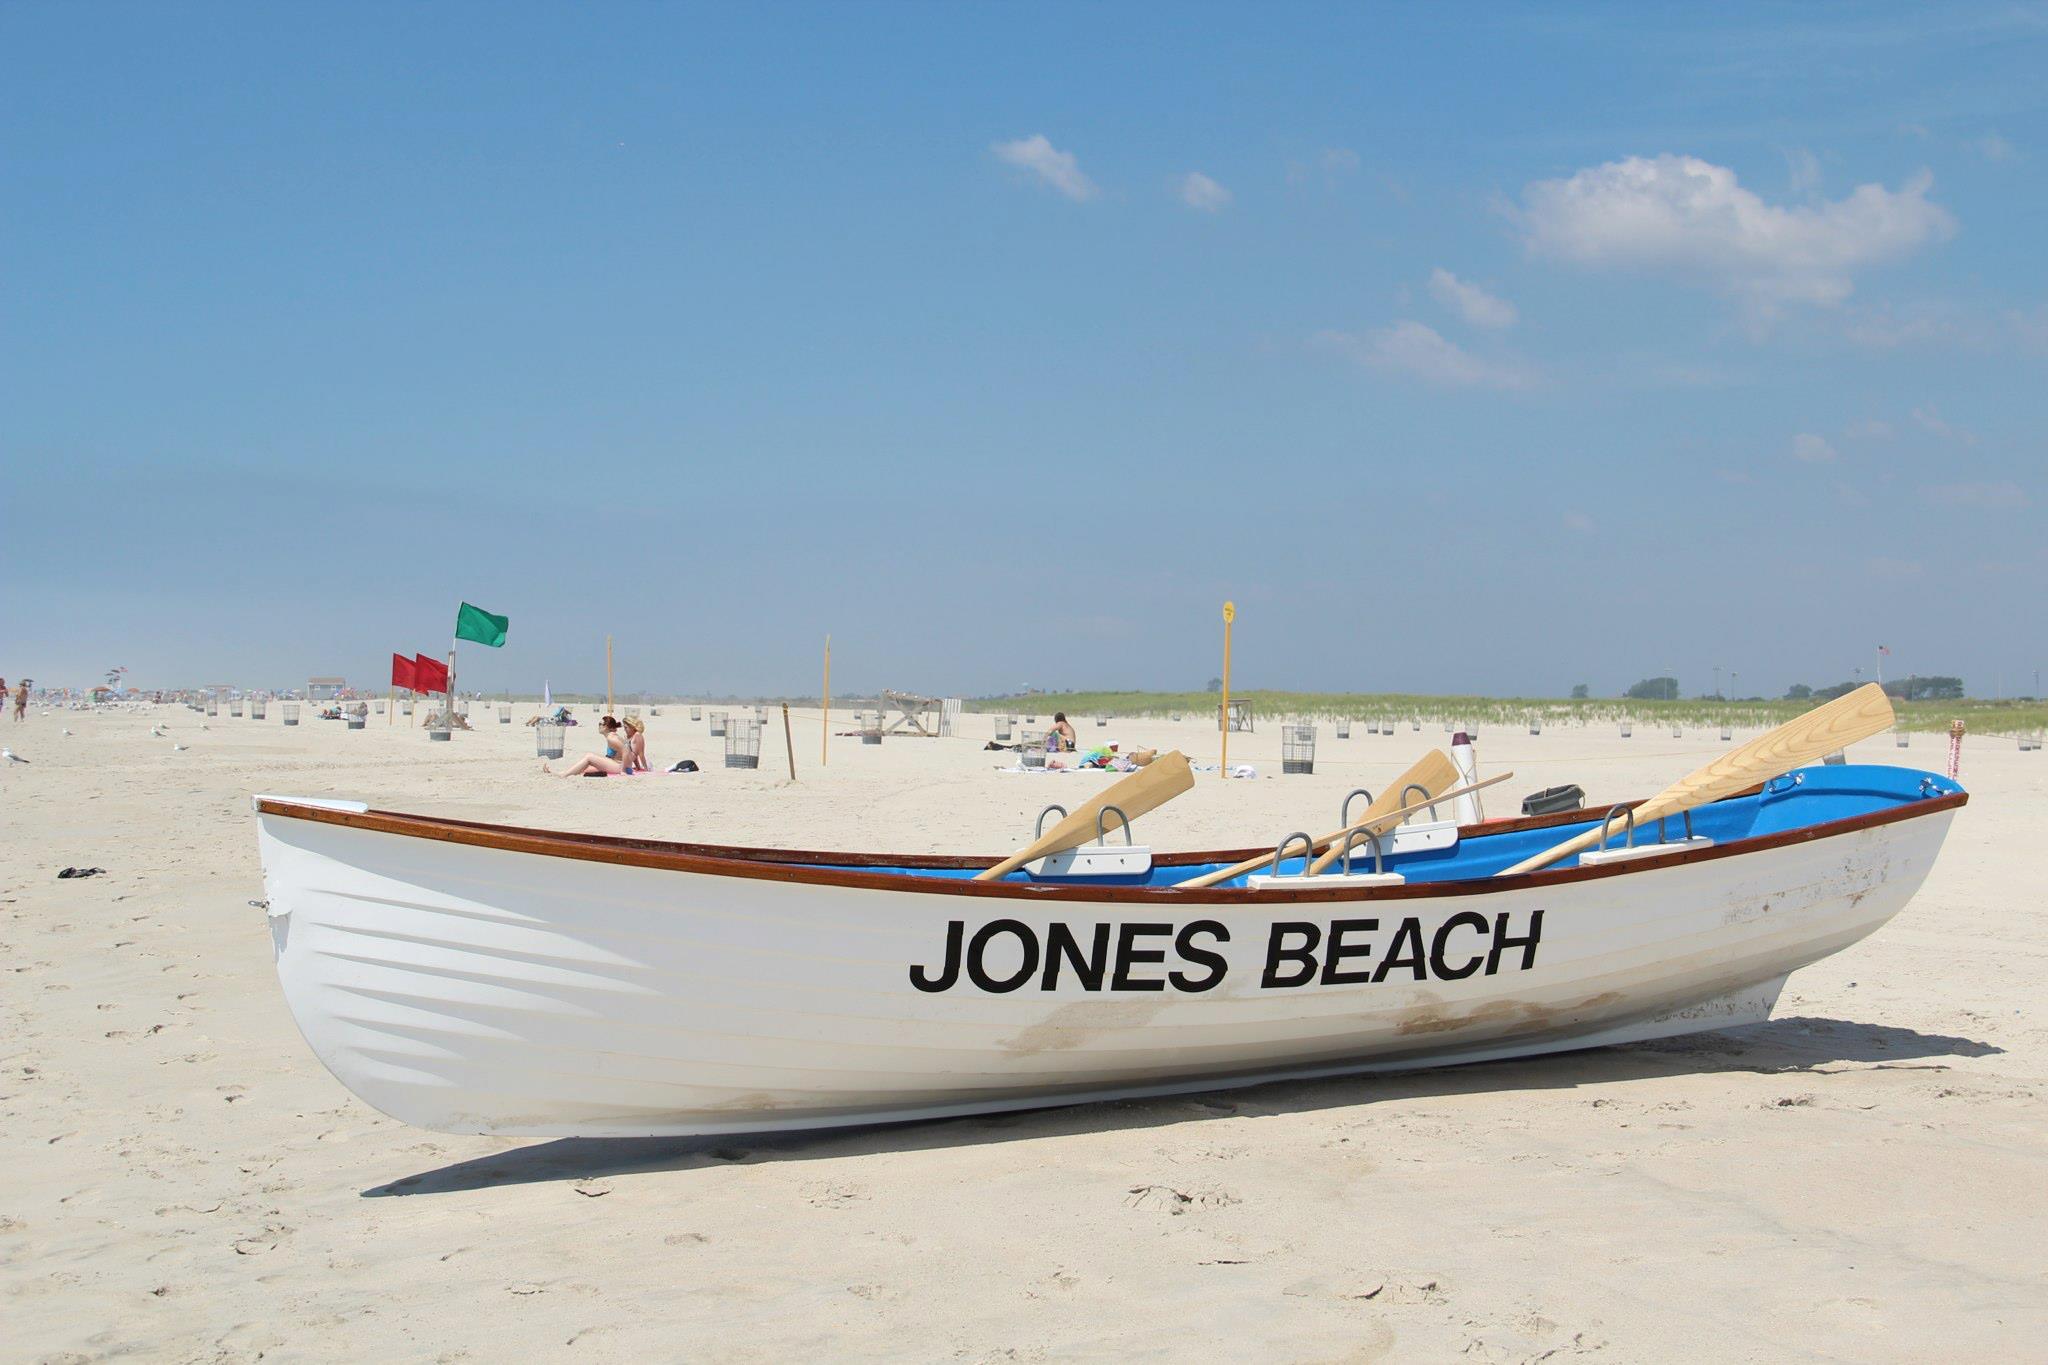 JonesBeach.jpg